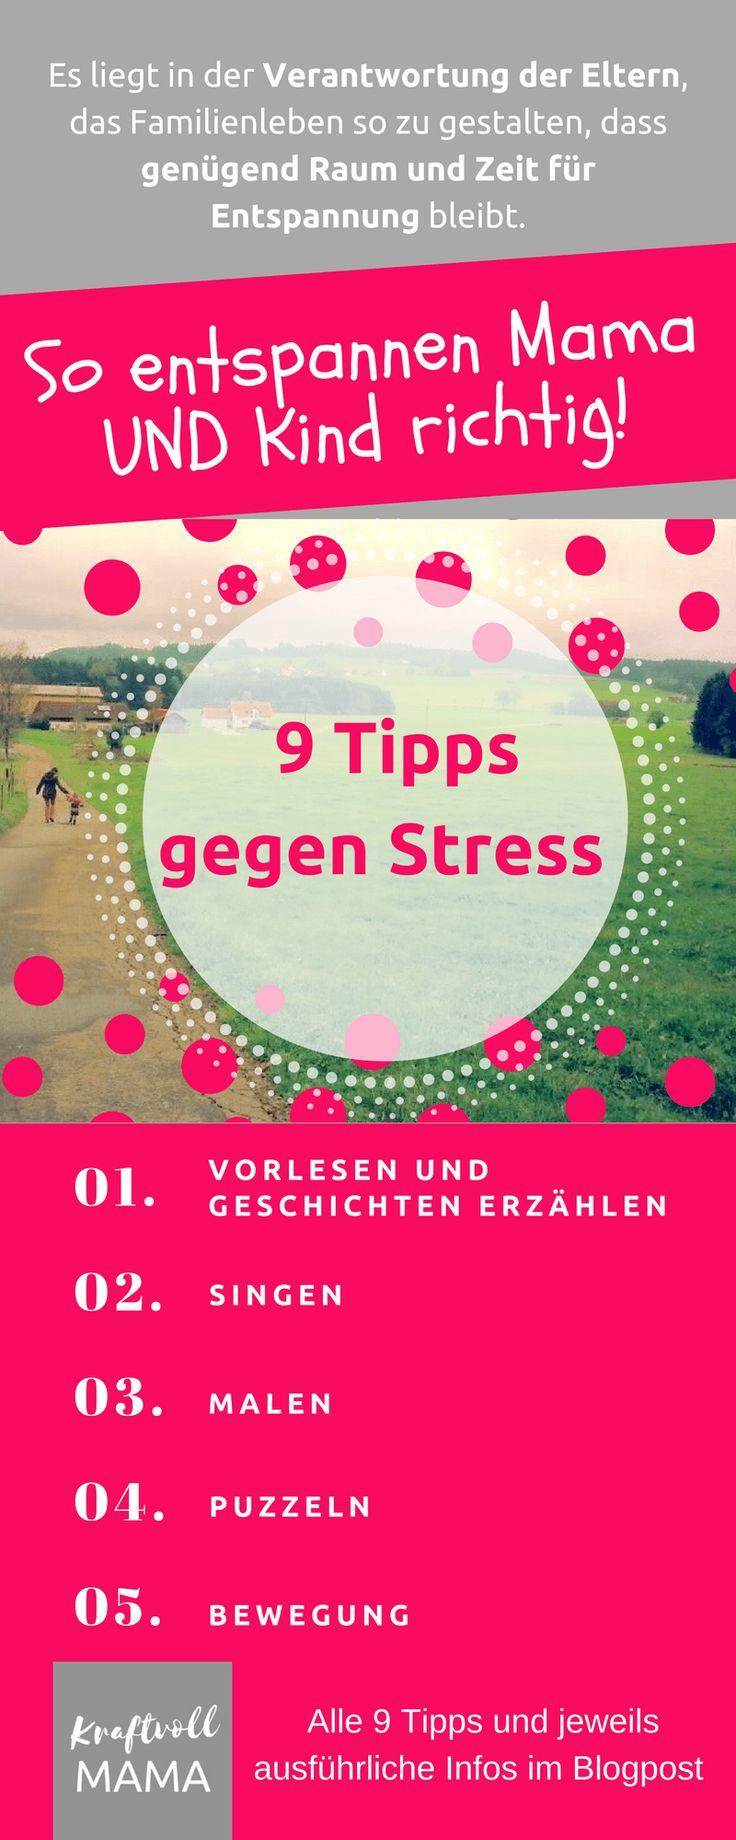 Infografik – 9 Tipps gegen Stress